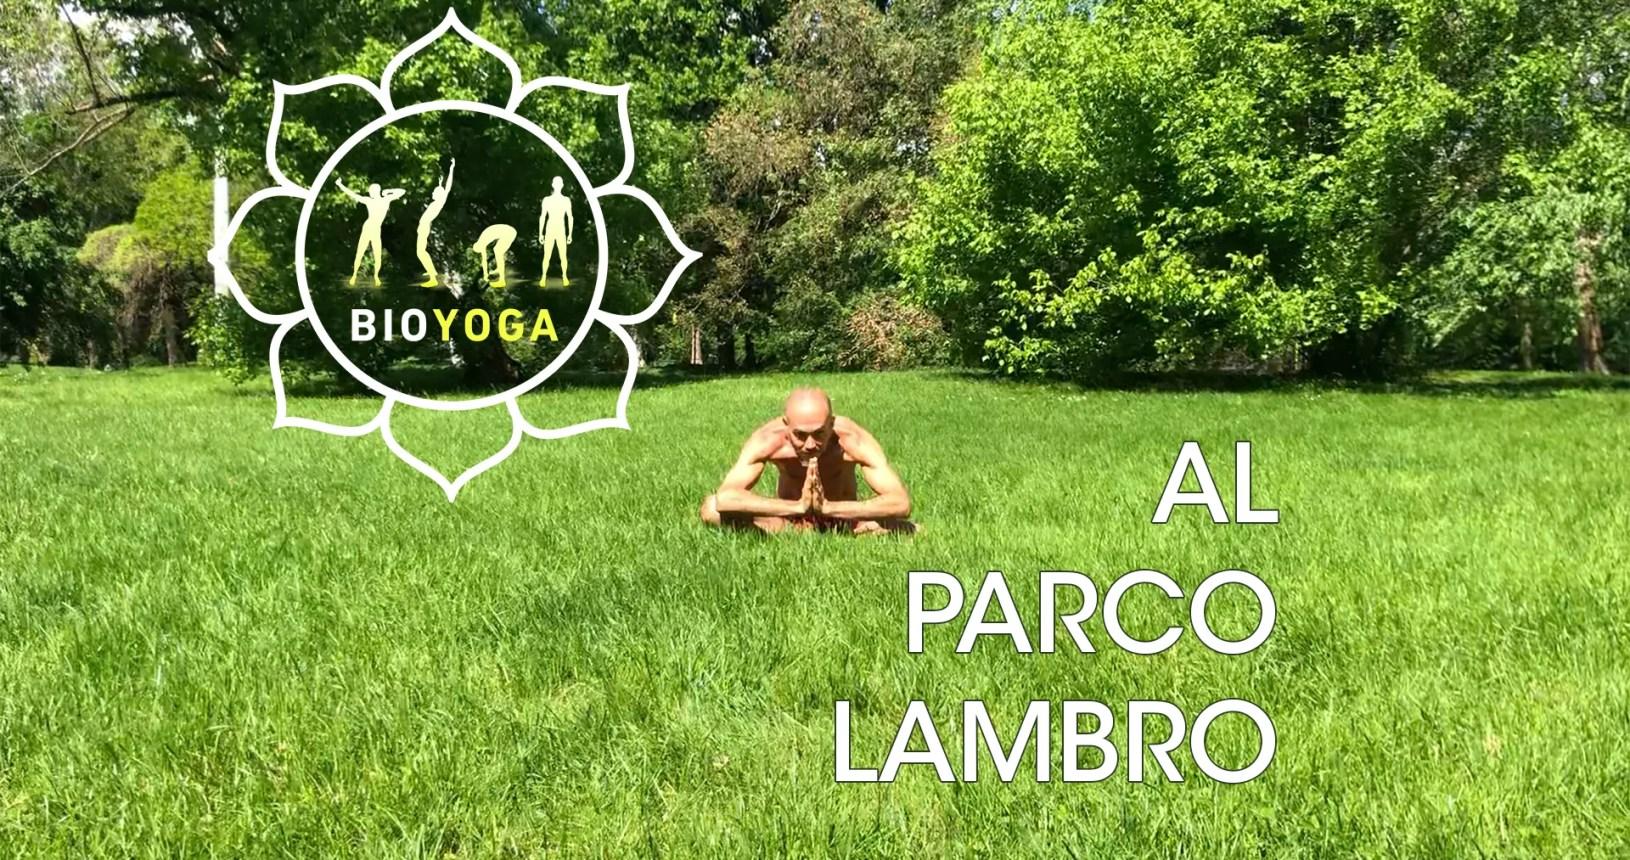 Bioyoga-parco-lambro-2021